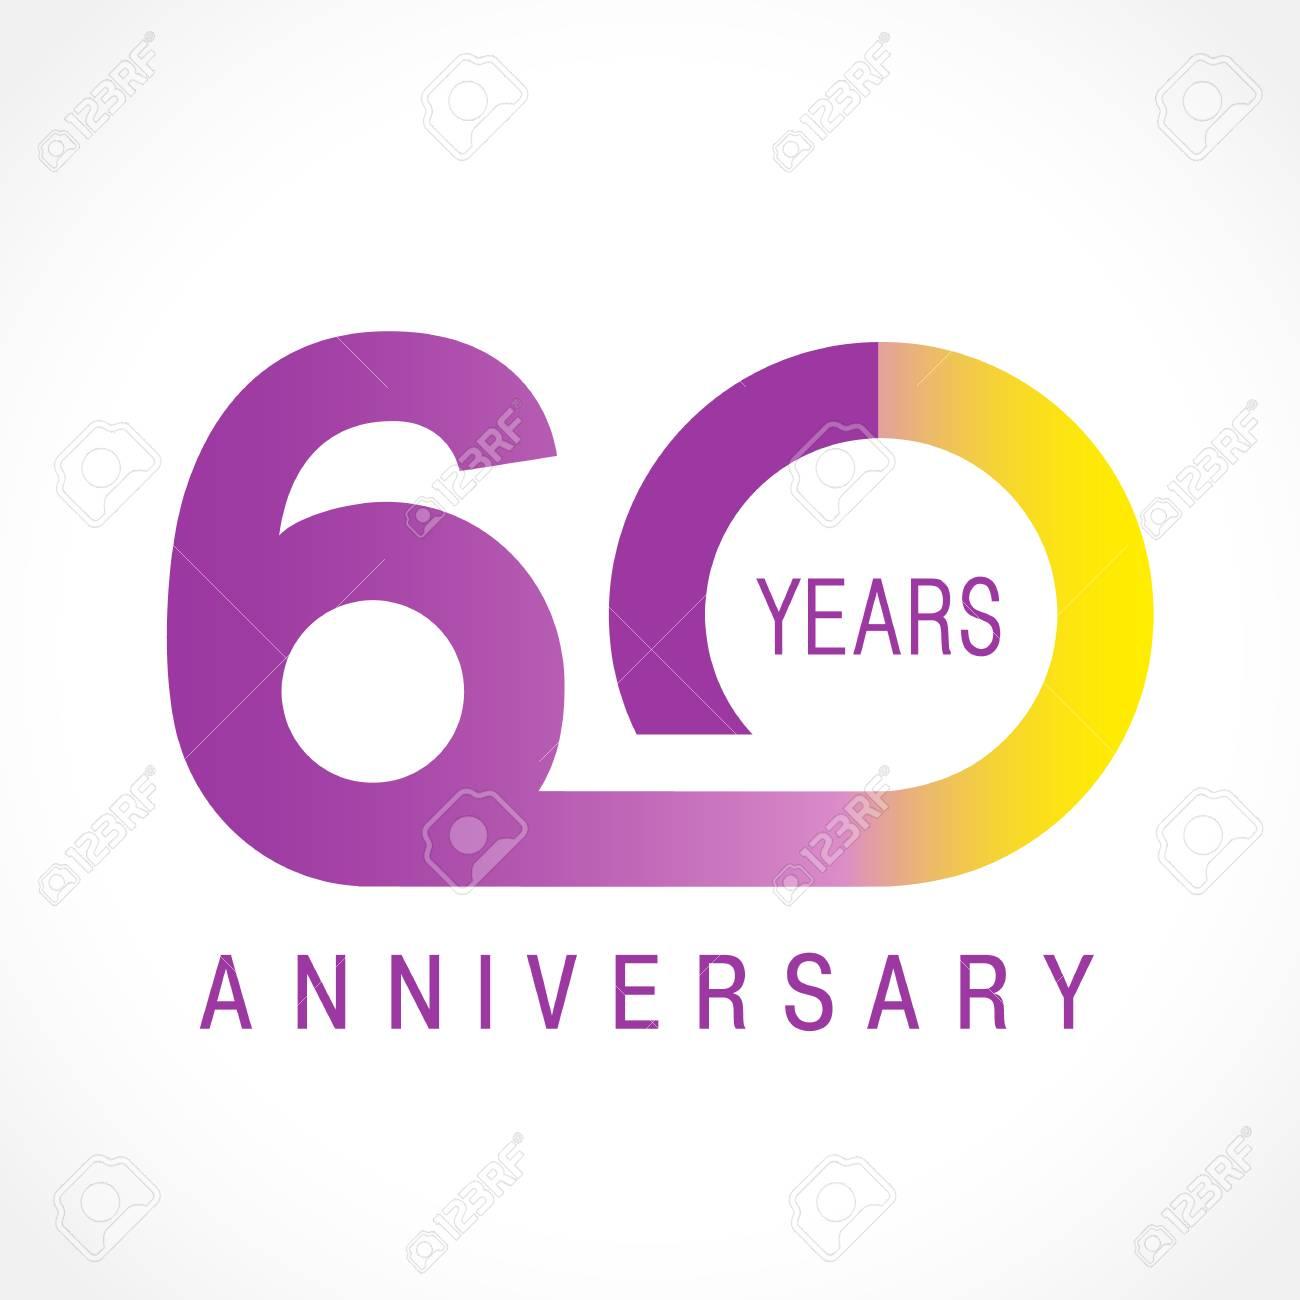 Vettoriale 60 Anni Celebra Il Logo Classico Anniversario Colorato